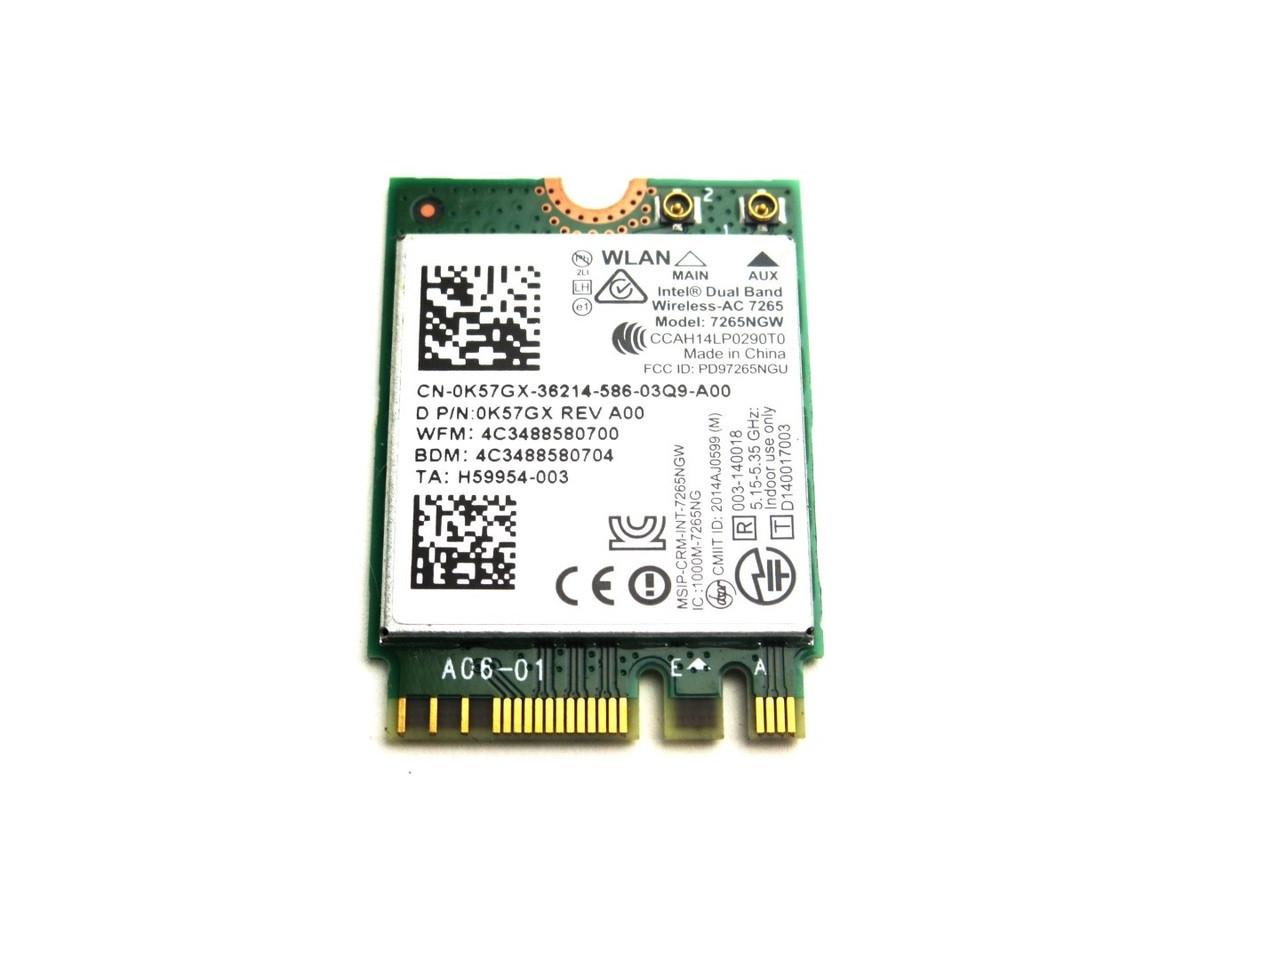 Dell Intel Wireless-AC 7265 Dual Band WLAN WiFi 802.11 ac/a/b/g/n + Bluetooth 4.0 M.2 Card - K57GX